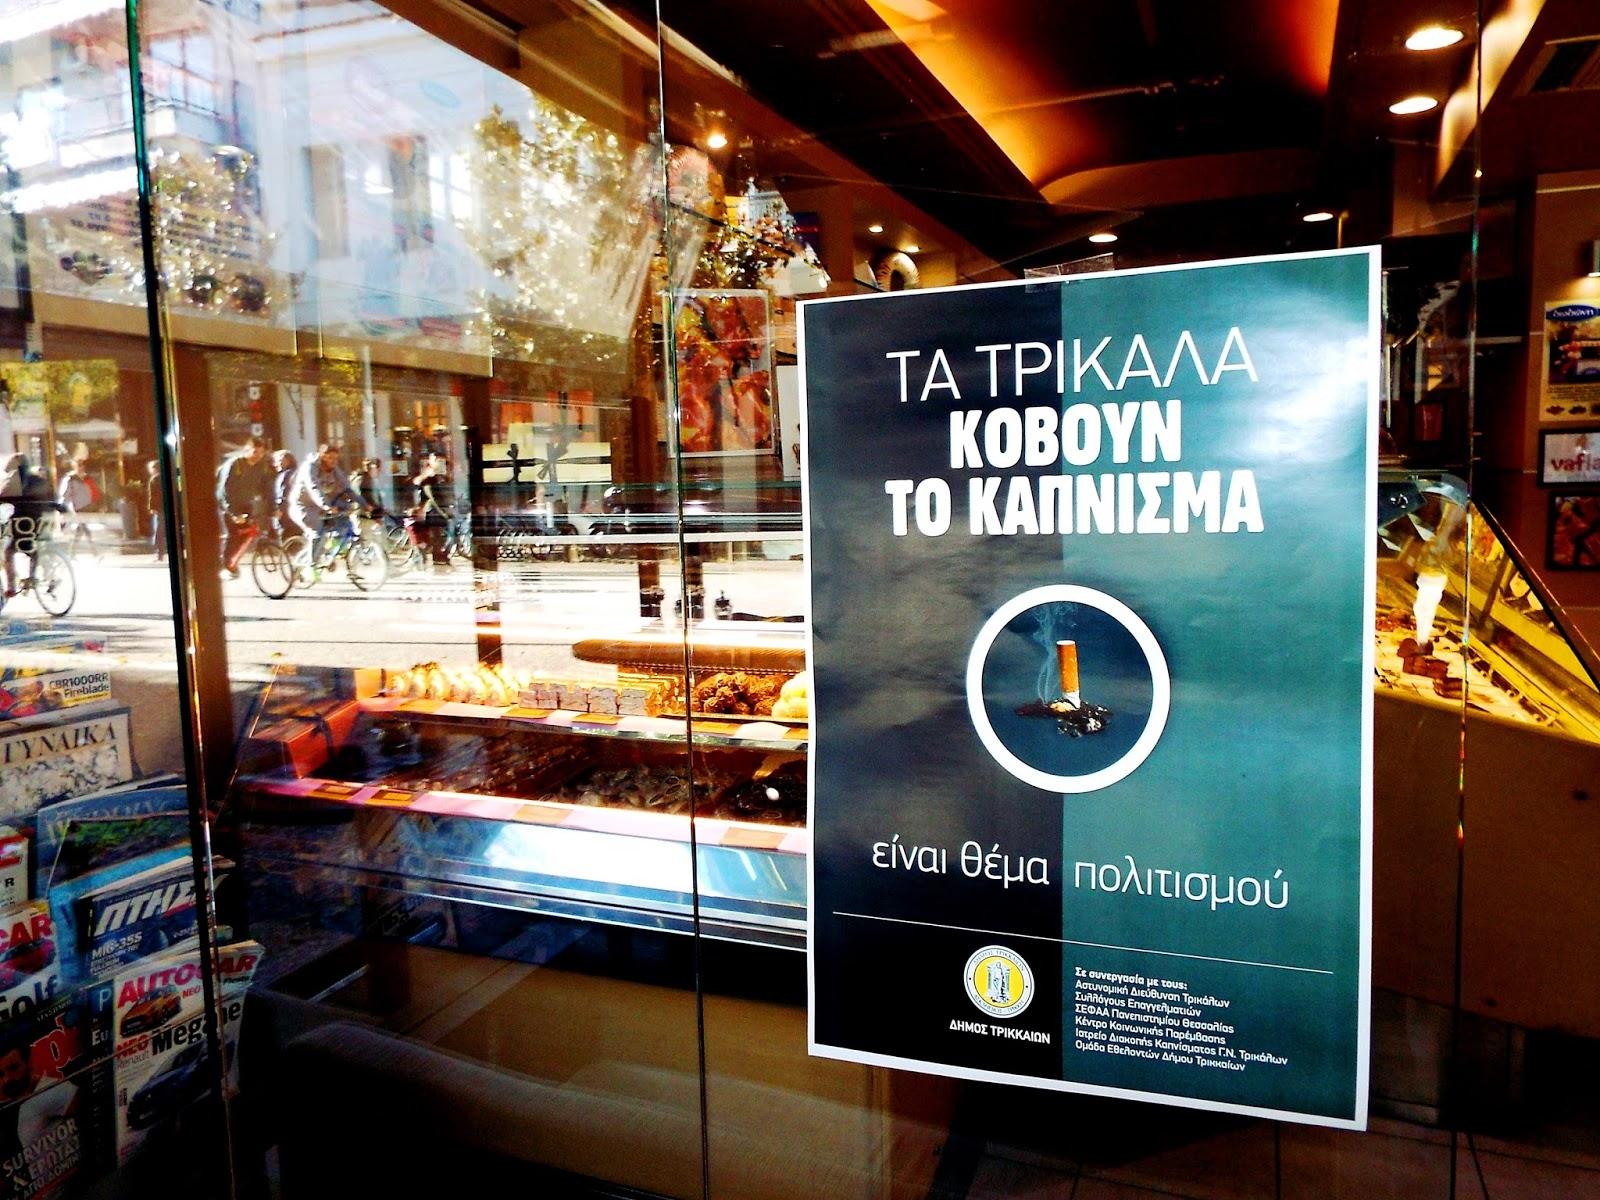 Αρχισε η εκστρατεία ενημέρωσης για την εφαρμογή του νόμου – «Τα Τρίκαλα κόβουν το κάπνισμα» το βασικό σλόγκαν